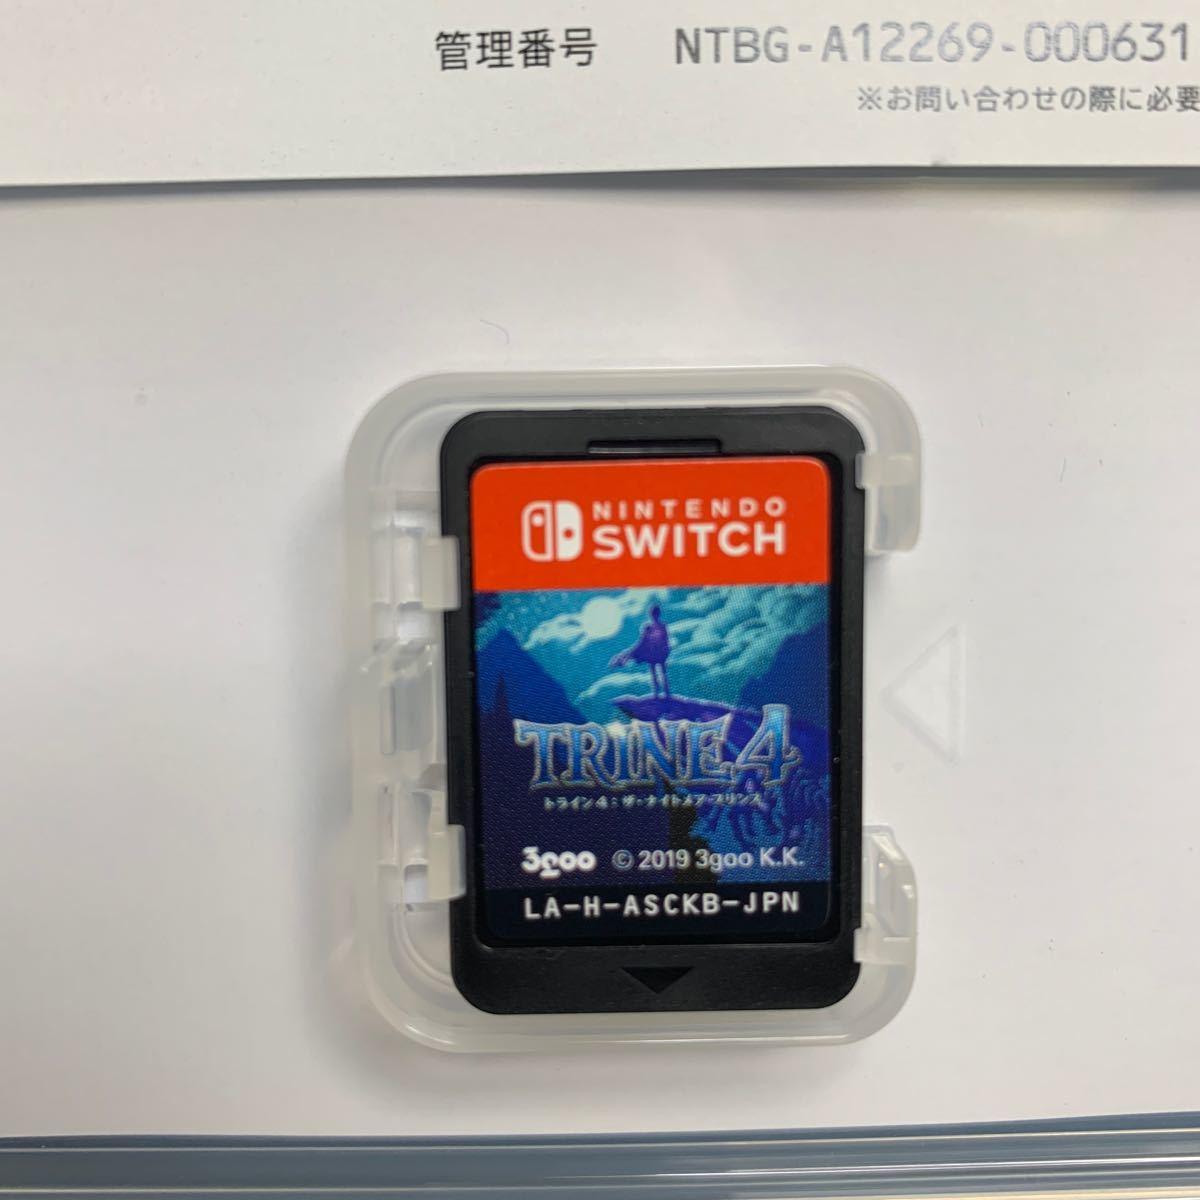 【Switch】 トライン 4:ザ・ナイトメア プリンス